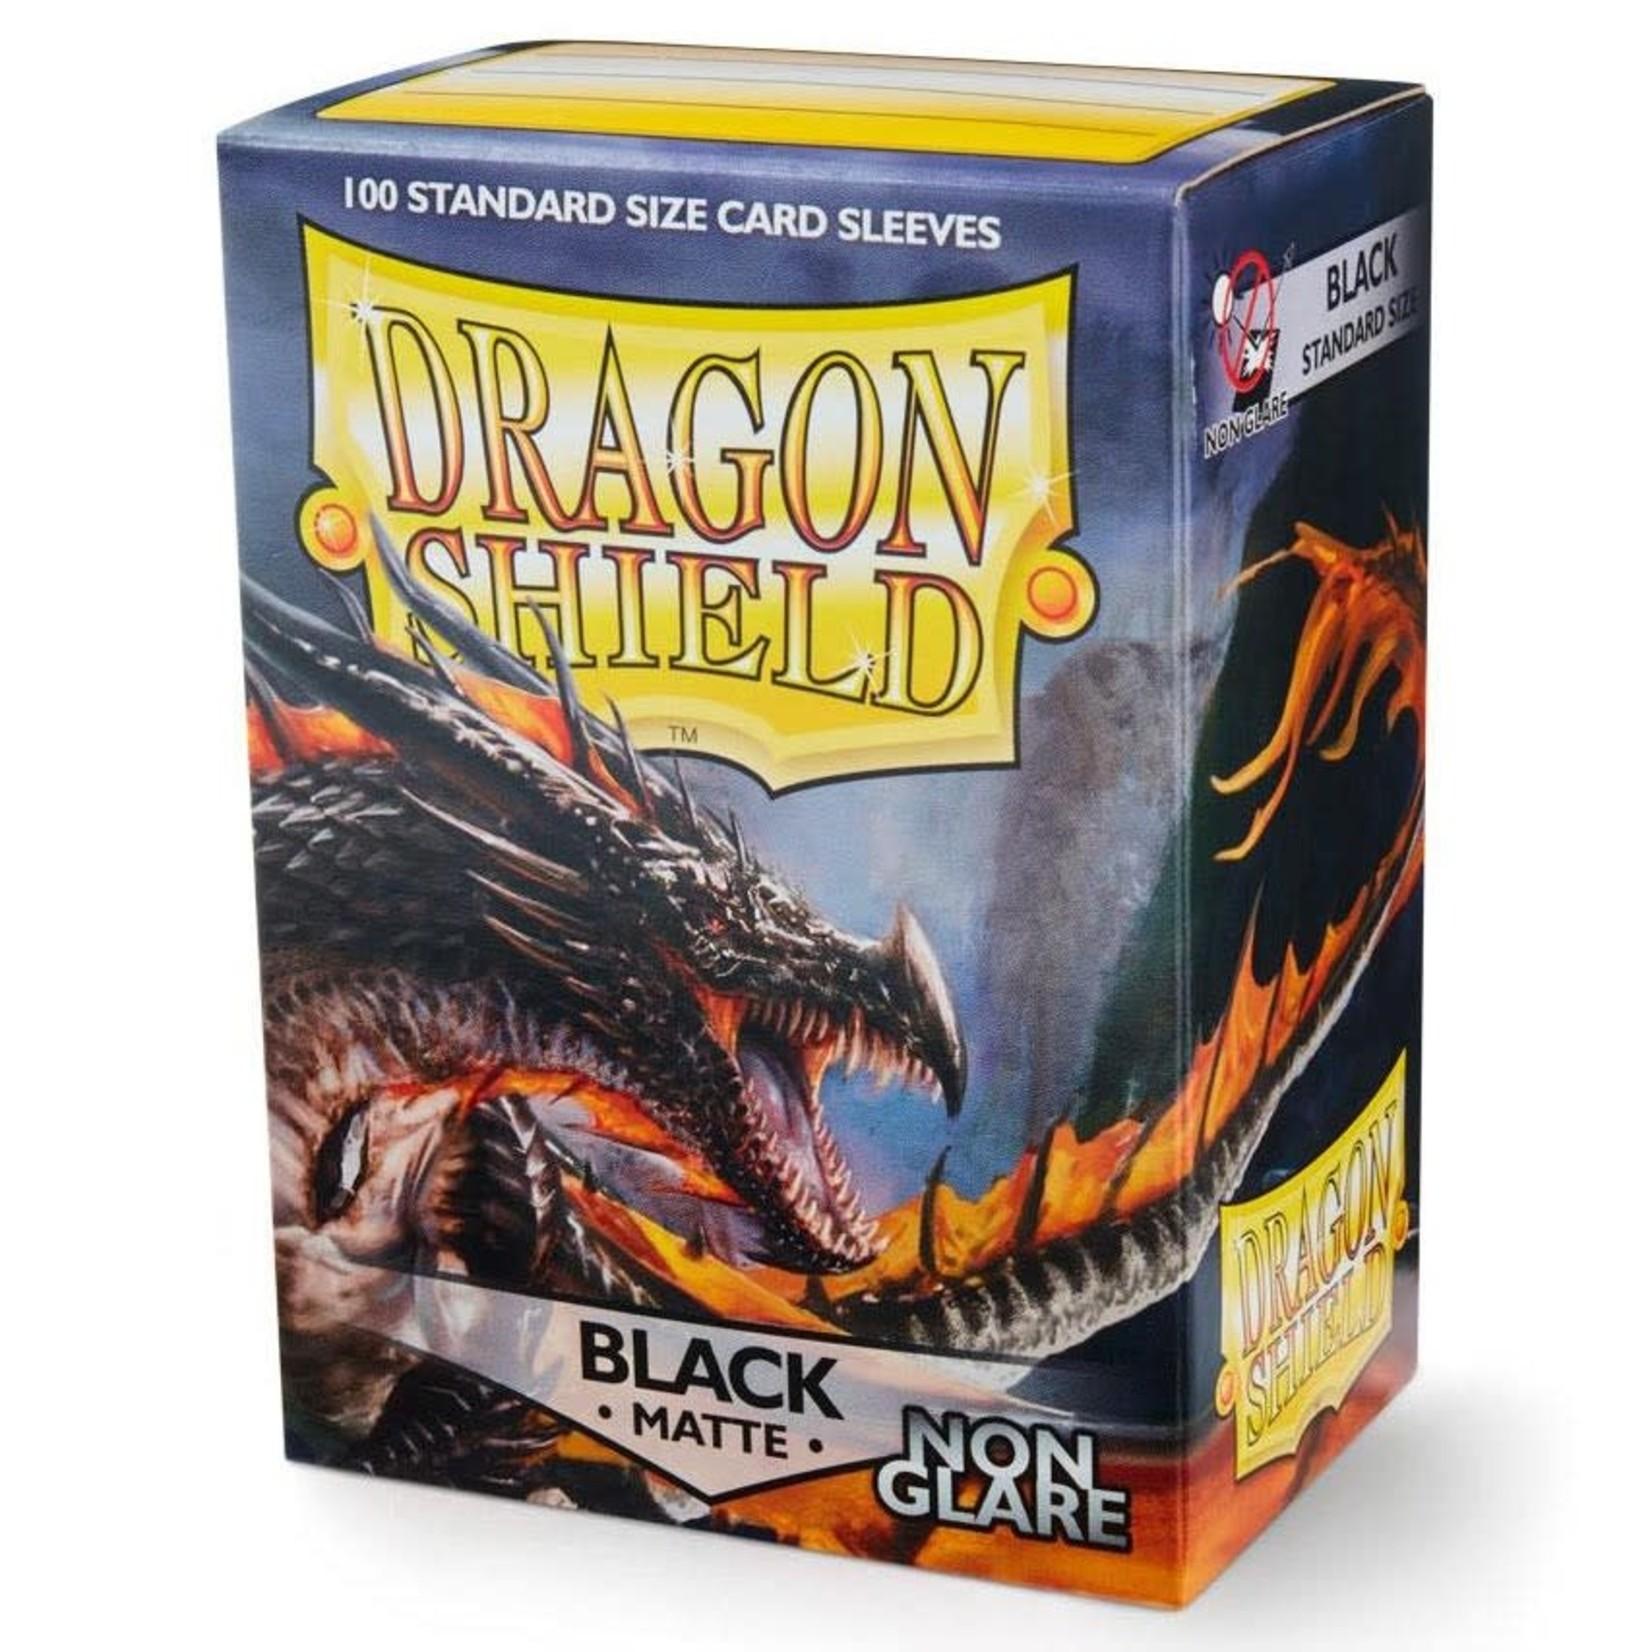 Dragon Shield Dragon Shield Matte Non-Glare Black Card Sleeves (100)